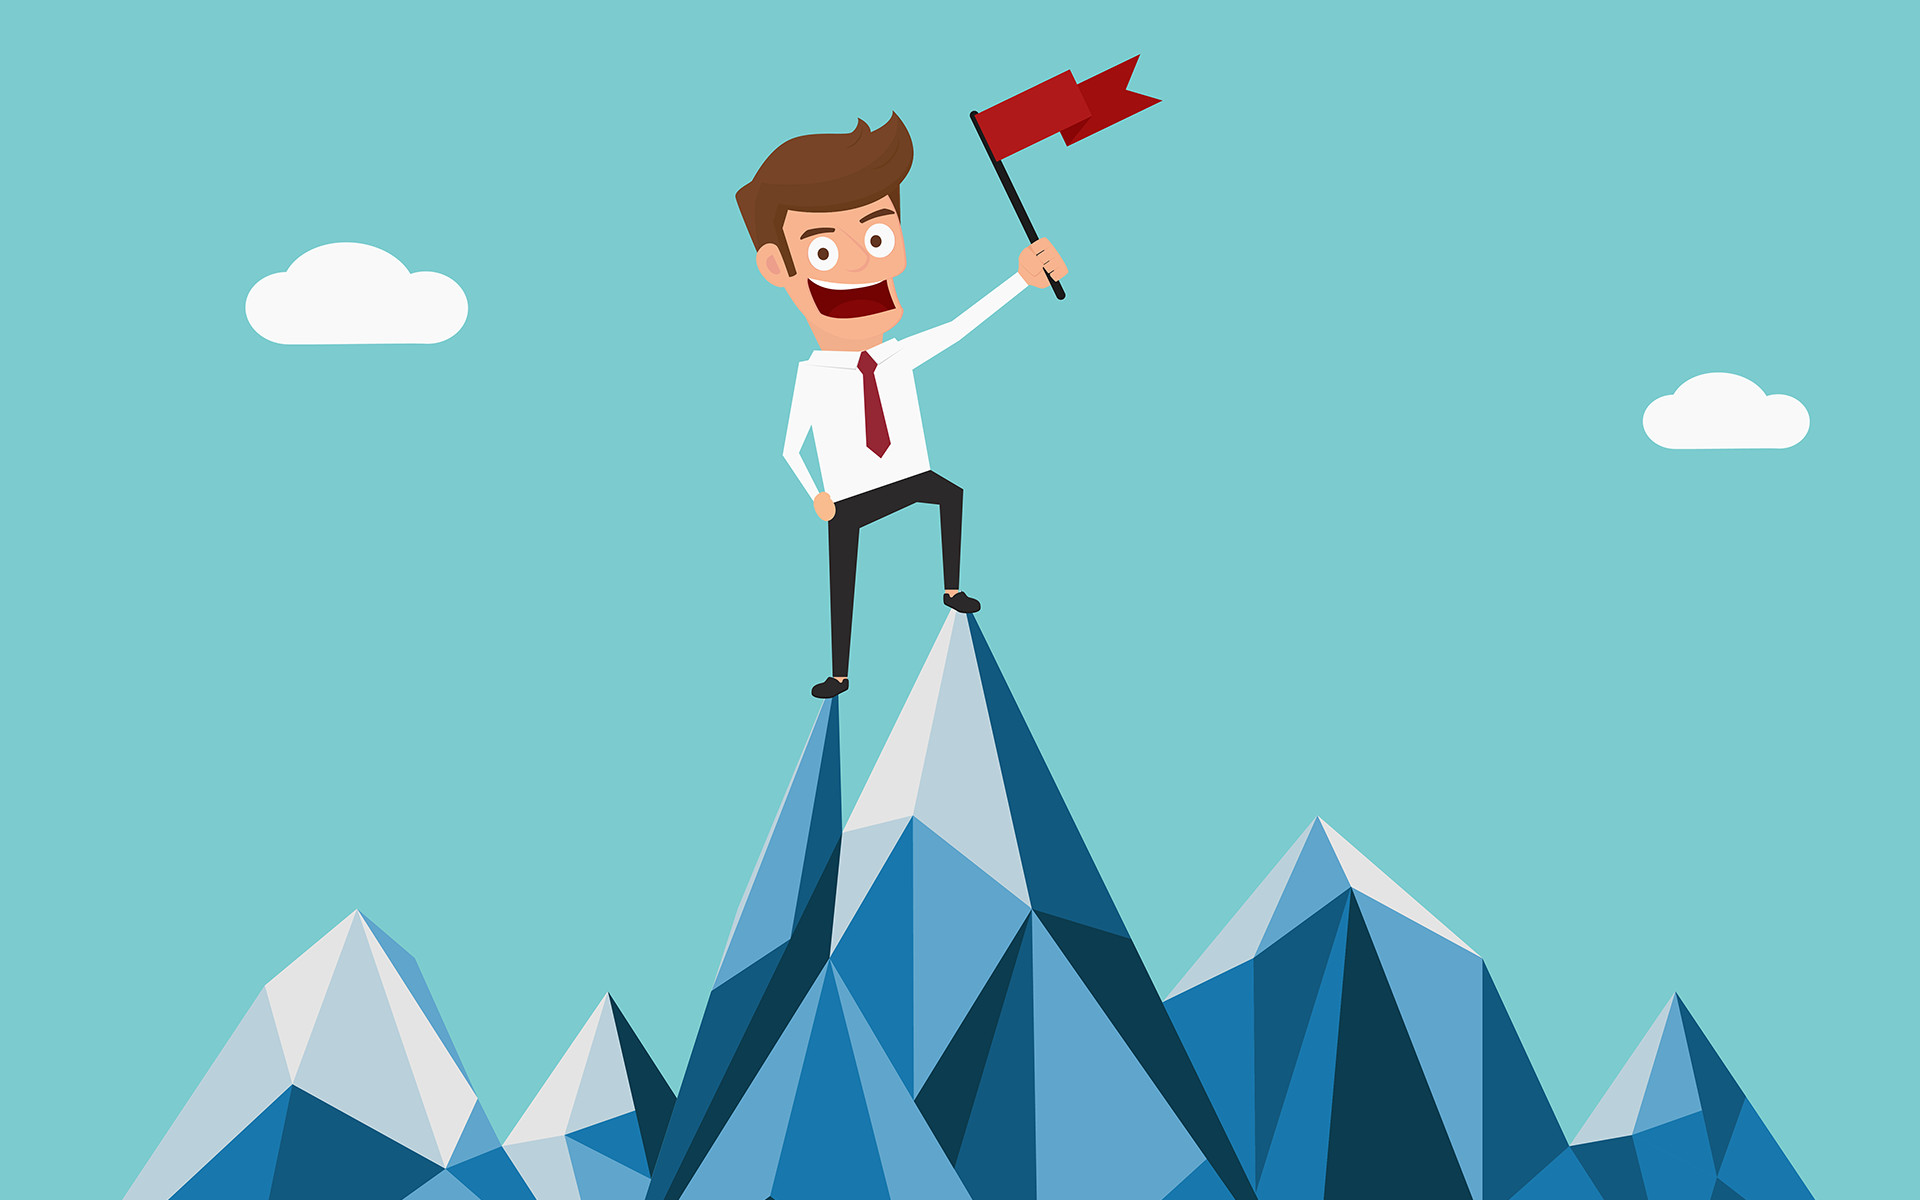 Man on mountain illustration